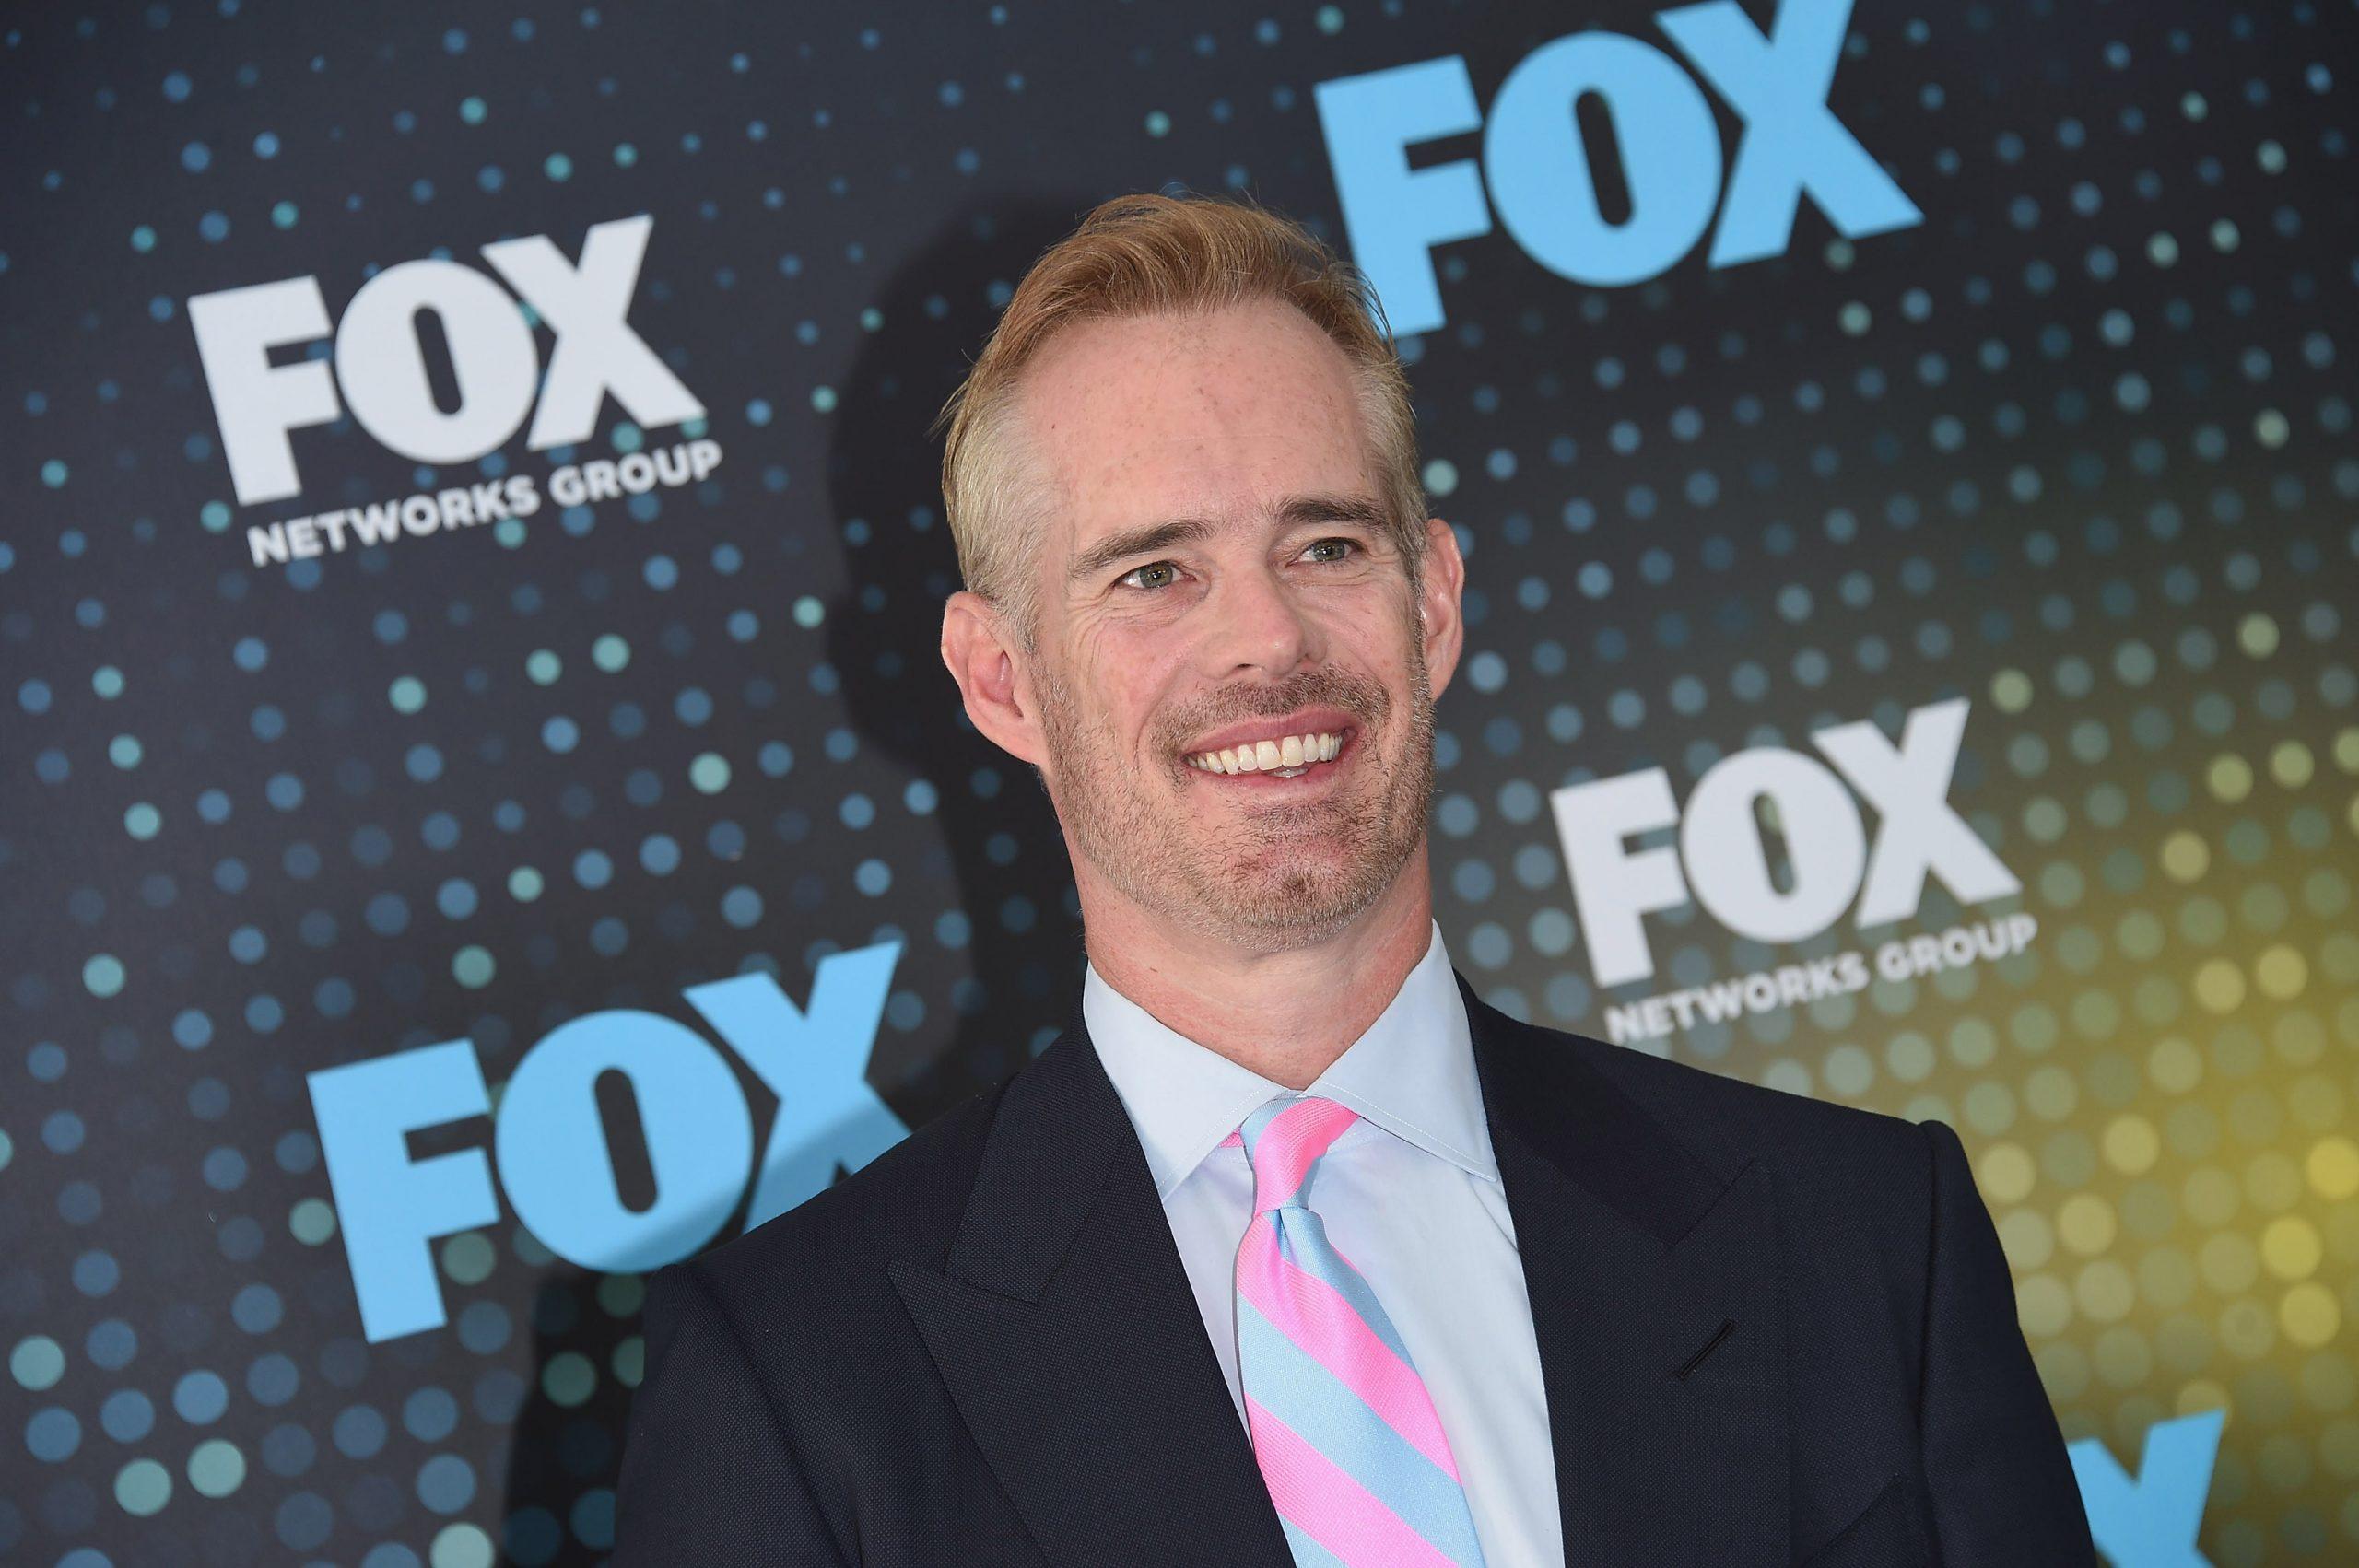 Sportscaster Joe Buck guest hosts 'Jeopardy!' from Aug. 9 - 13, 2021